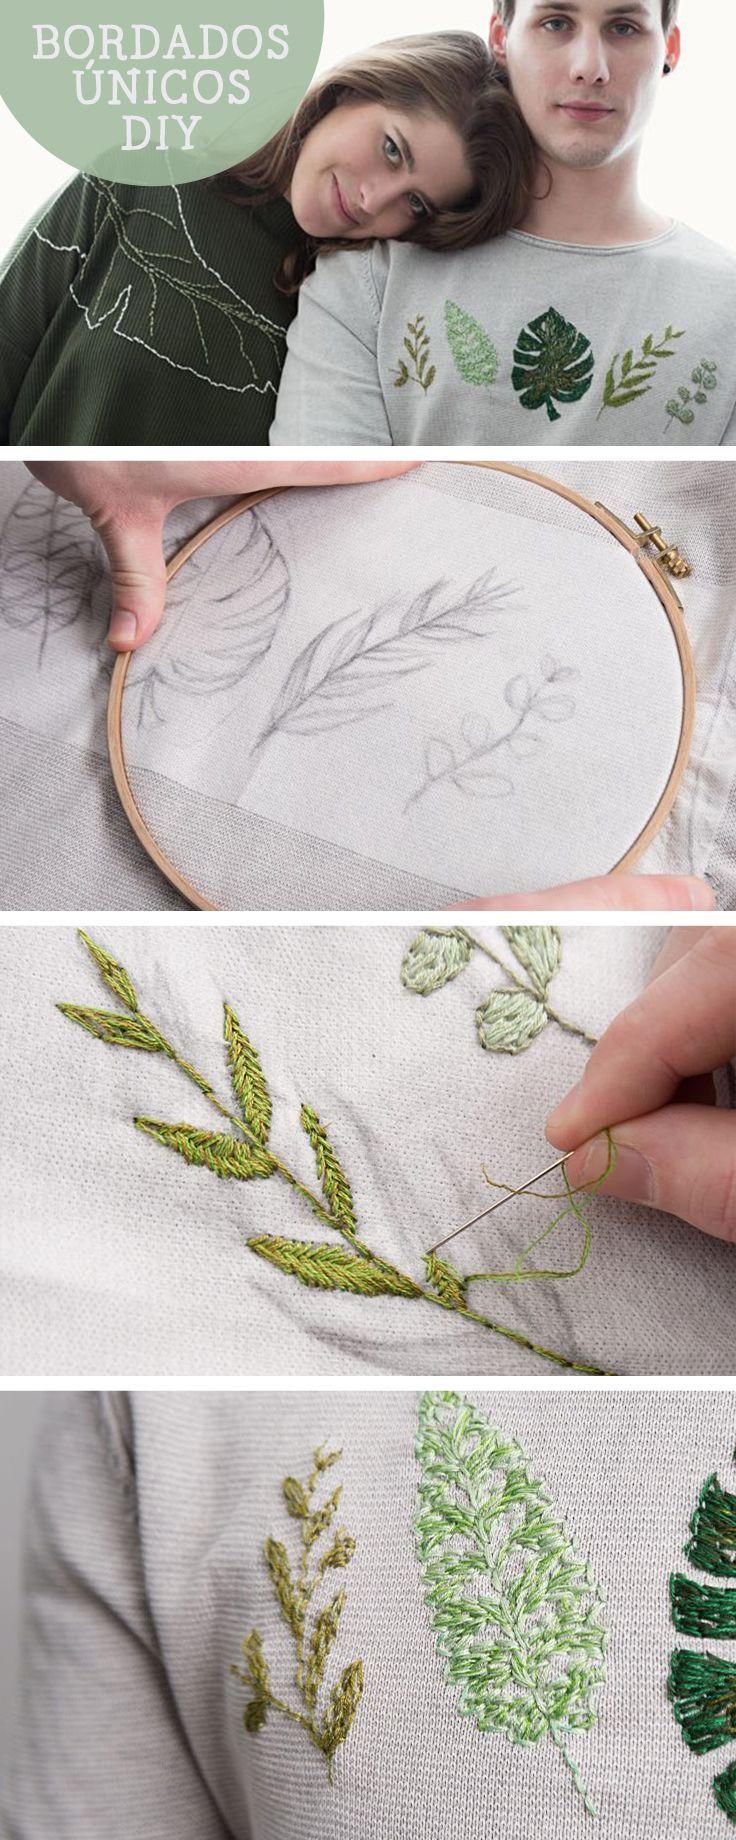 Tutoriales DIY: Cómo bordar diferentes hojas en un jersey vía ...